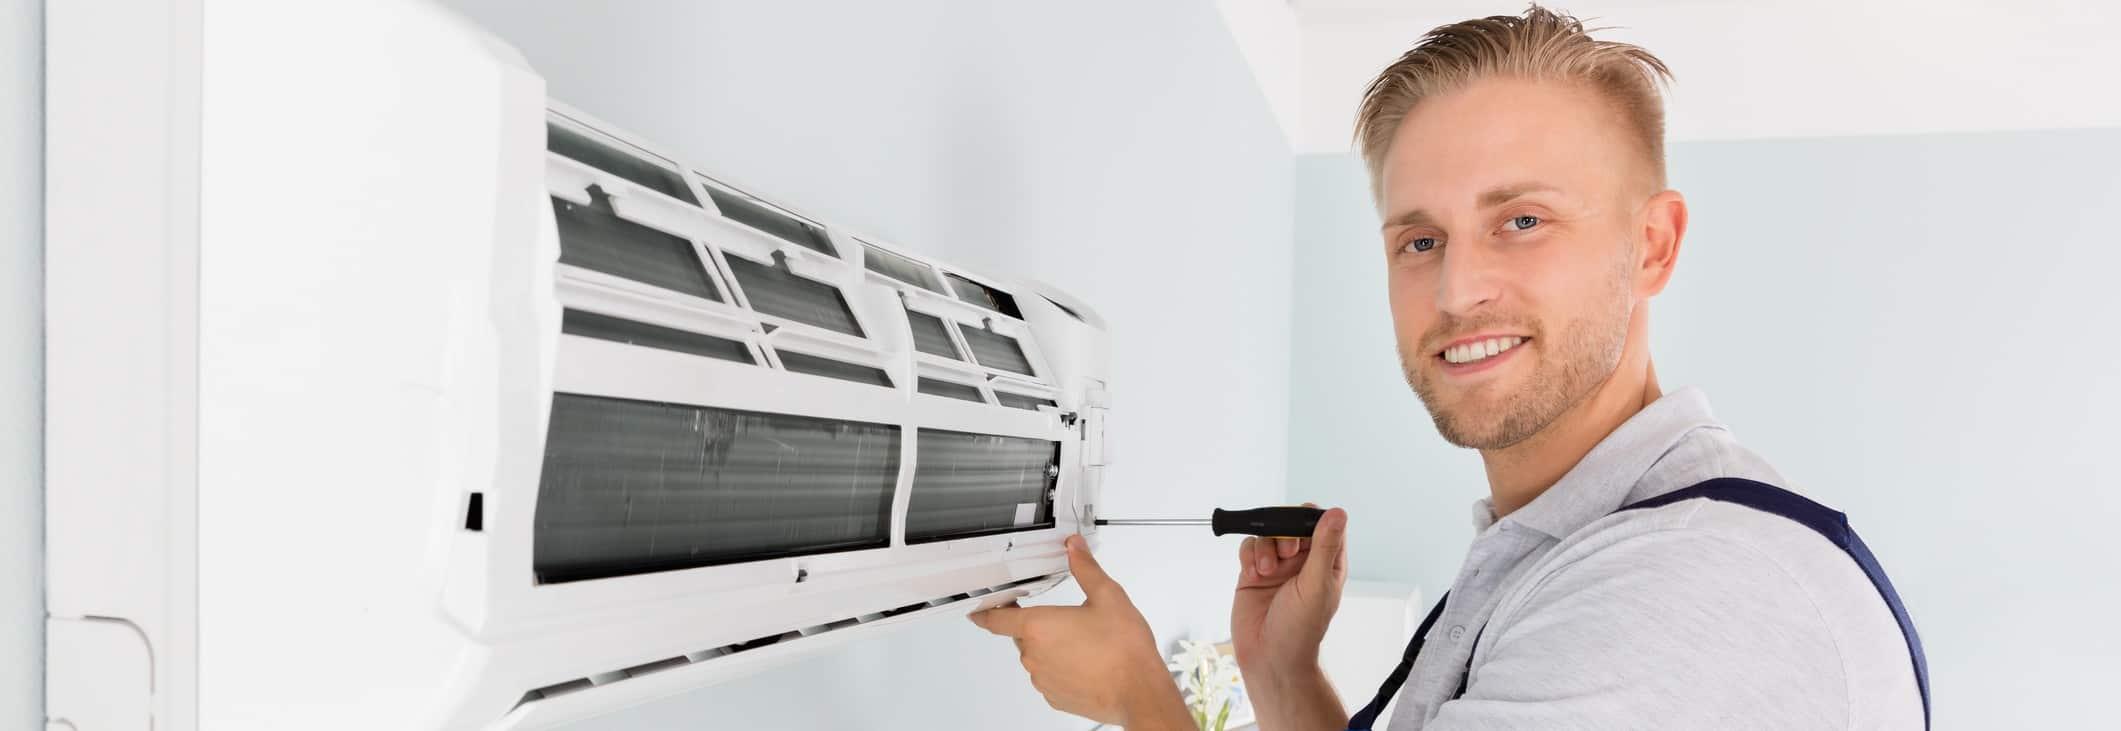 טכנאי מזגנים - תיקון מזגן